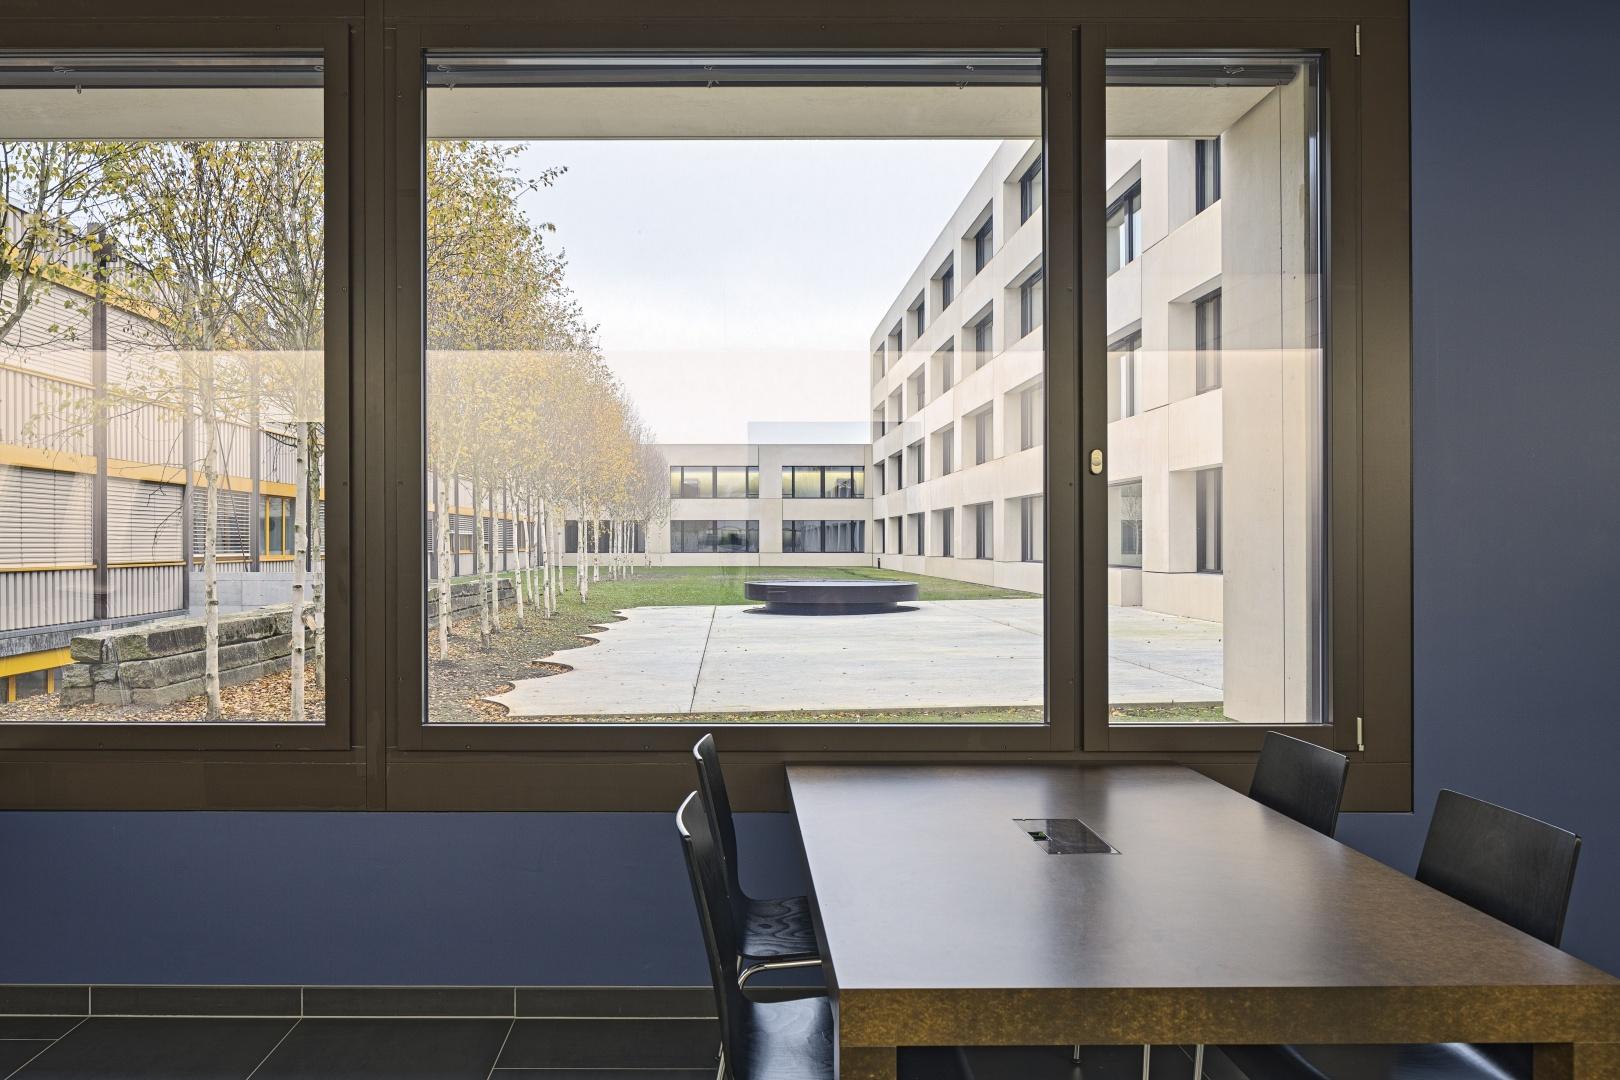 Arbeitsplatz mit Ausblick Innenhof © Stefano Schröter, 6003 Luzern